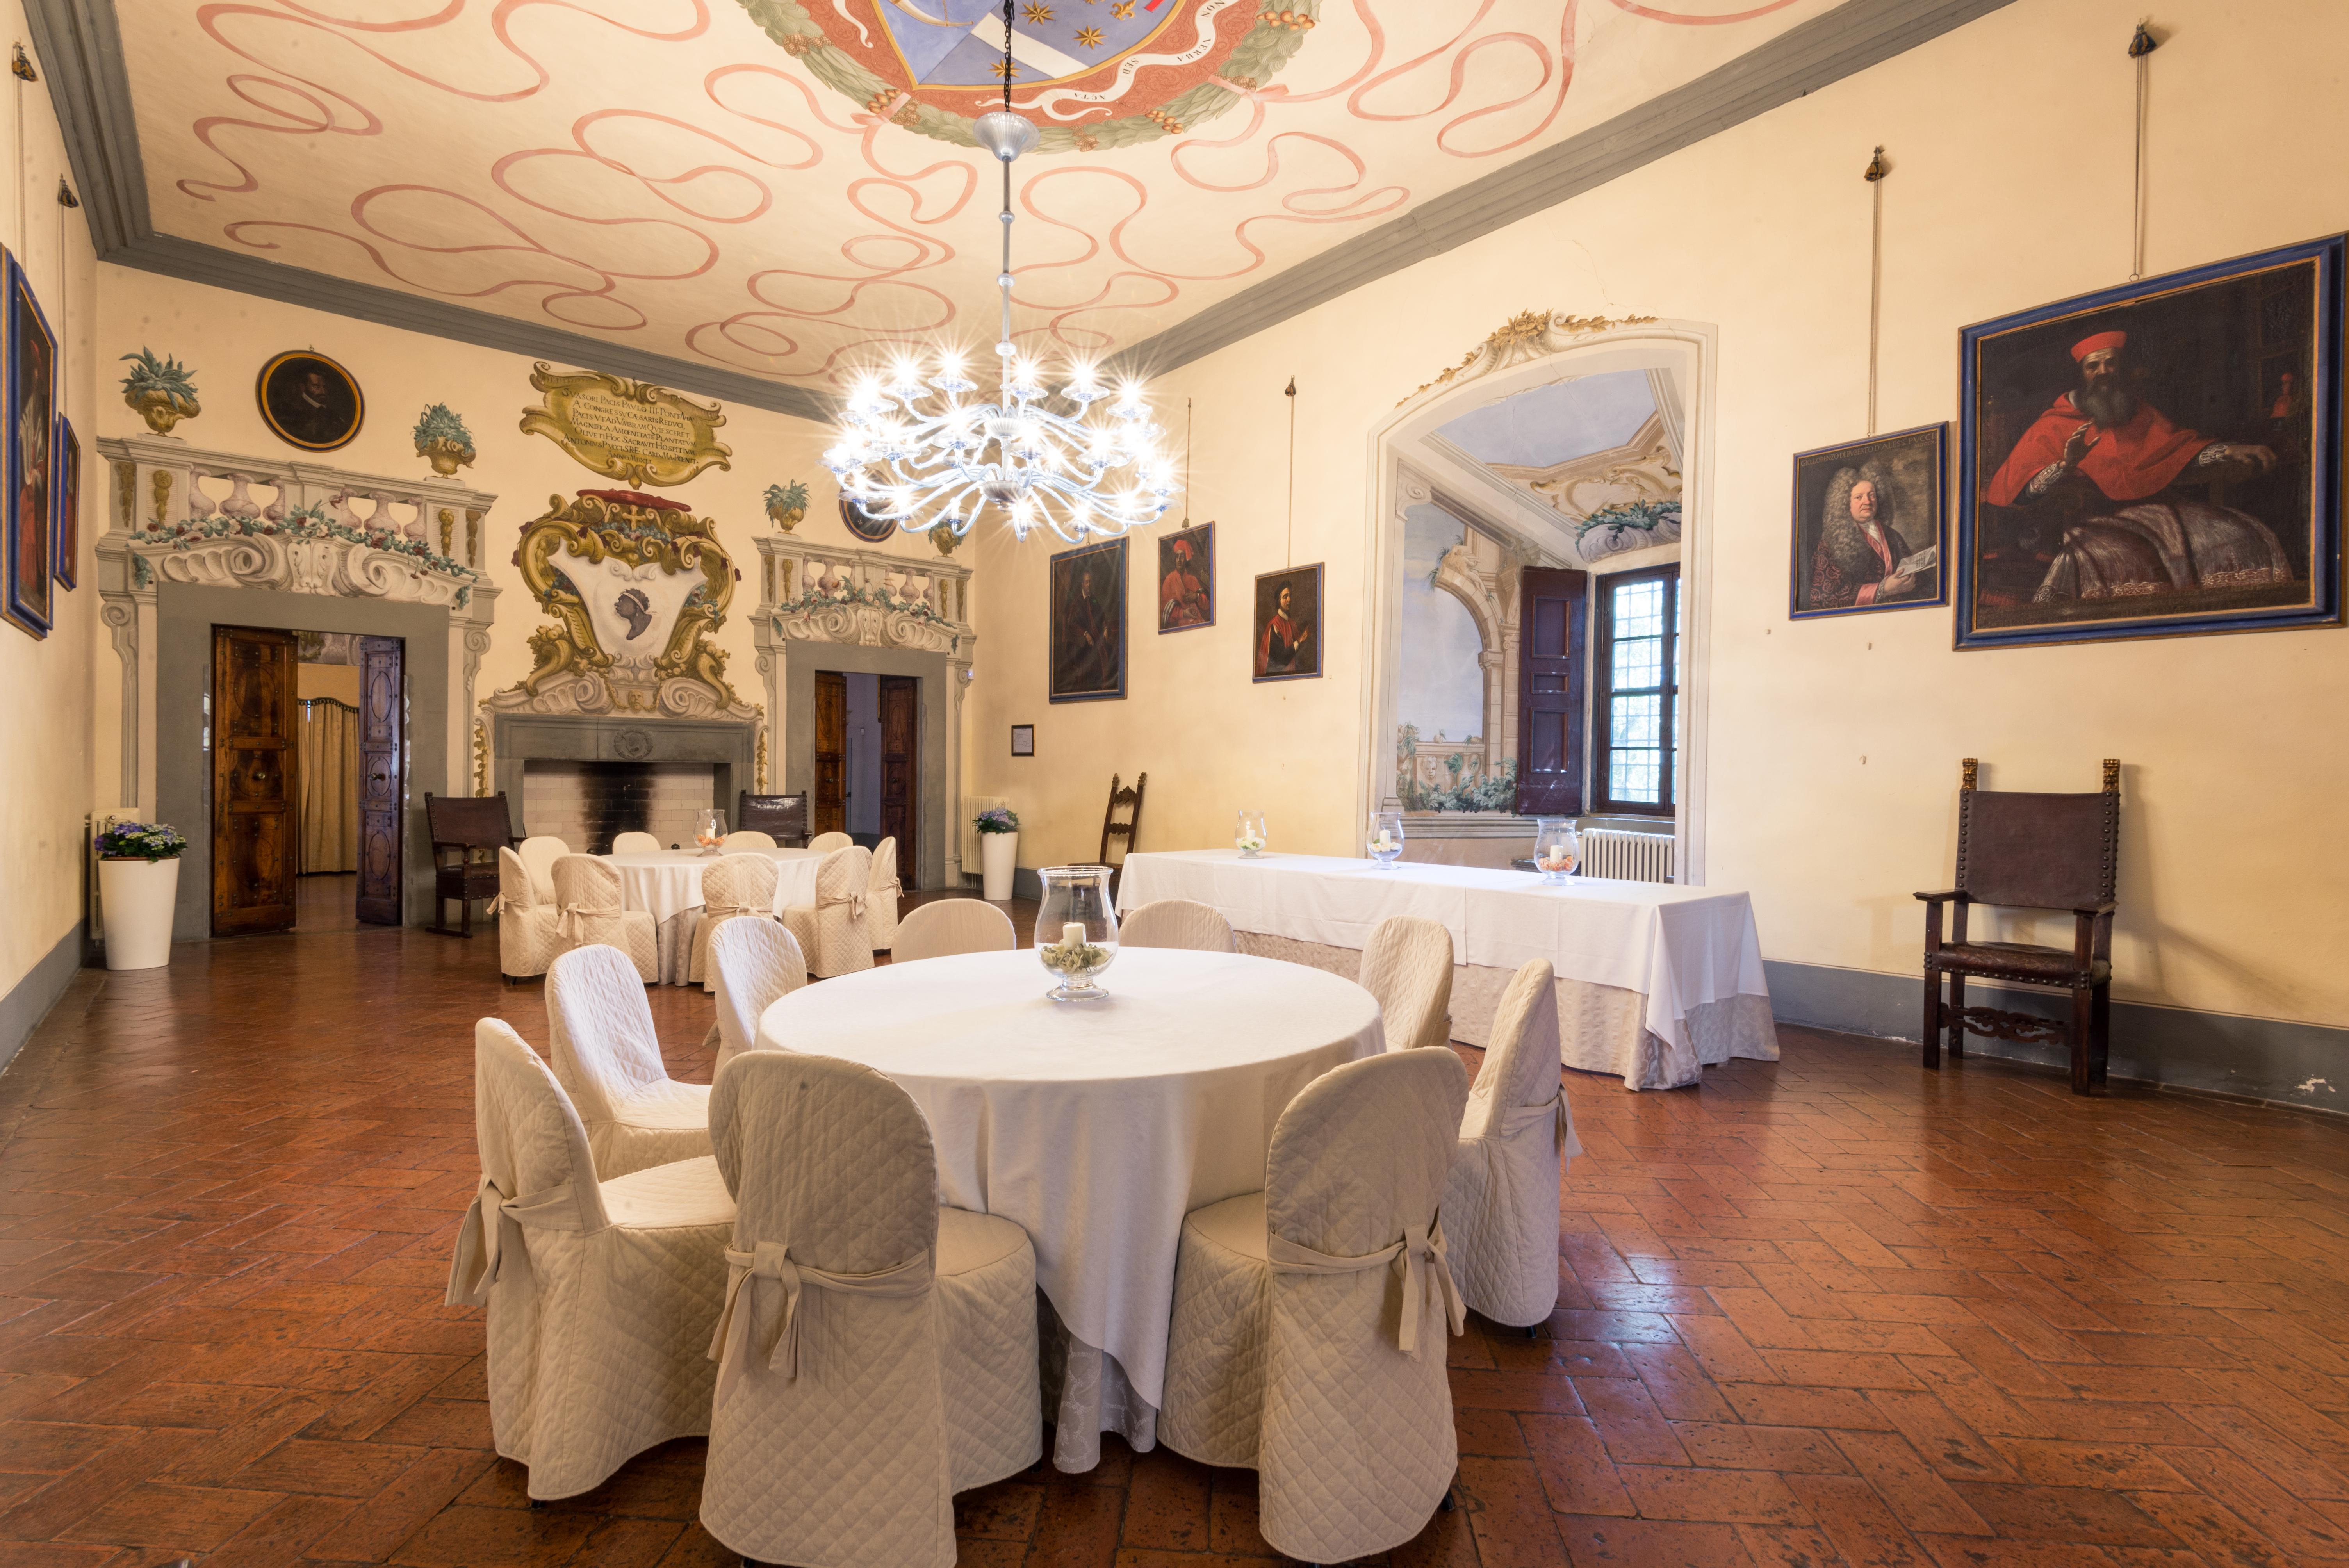 Según el erudito Massimo Ricci fue diseñado por Brunelleschi / Lionard Luxury real estate